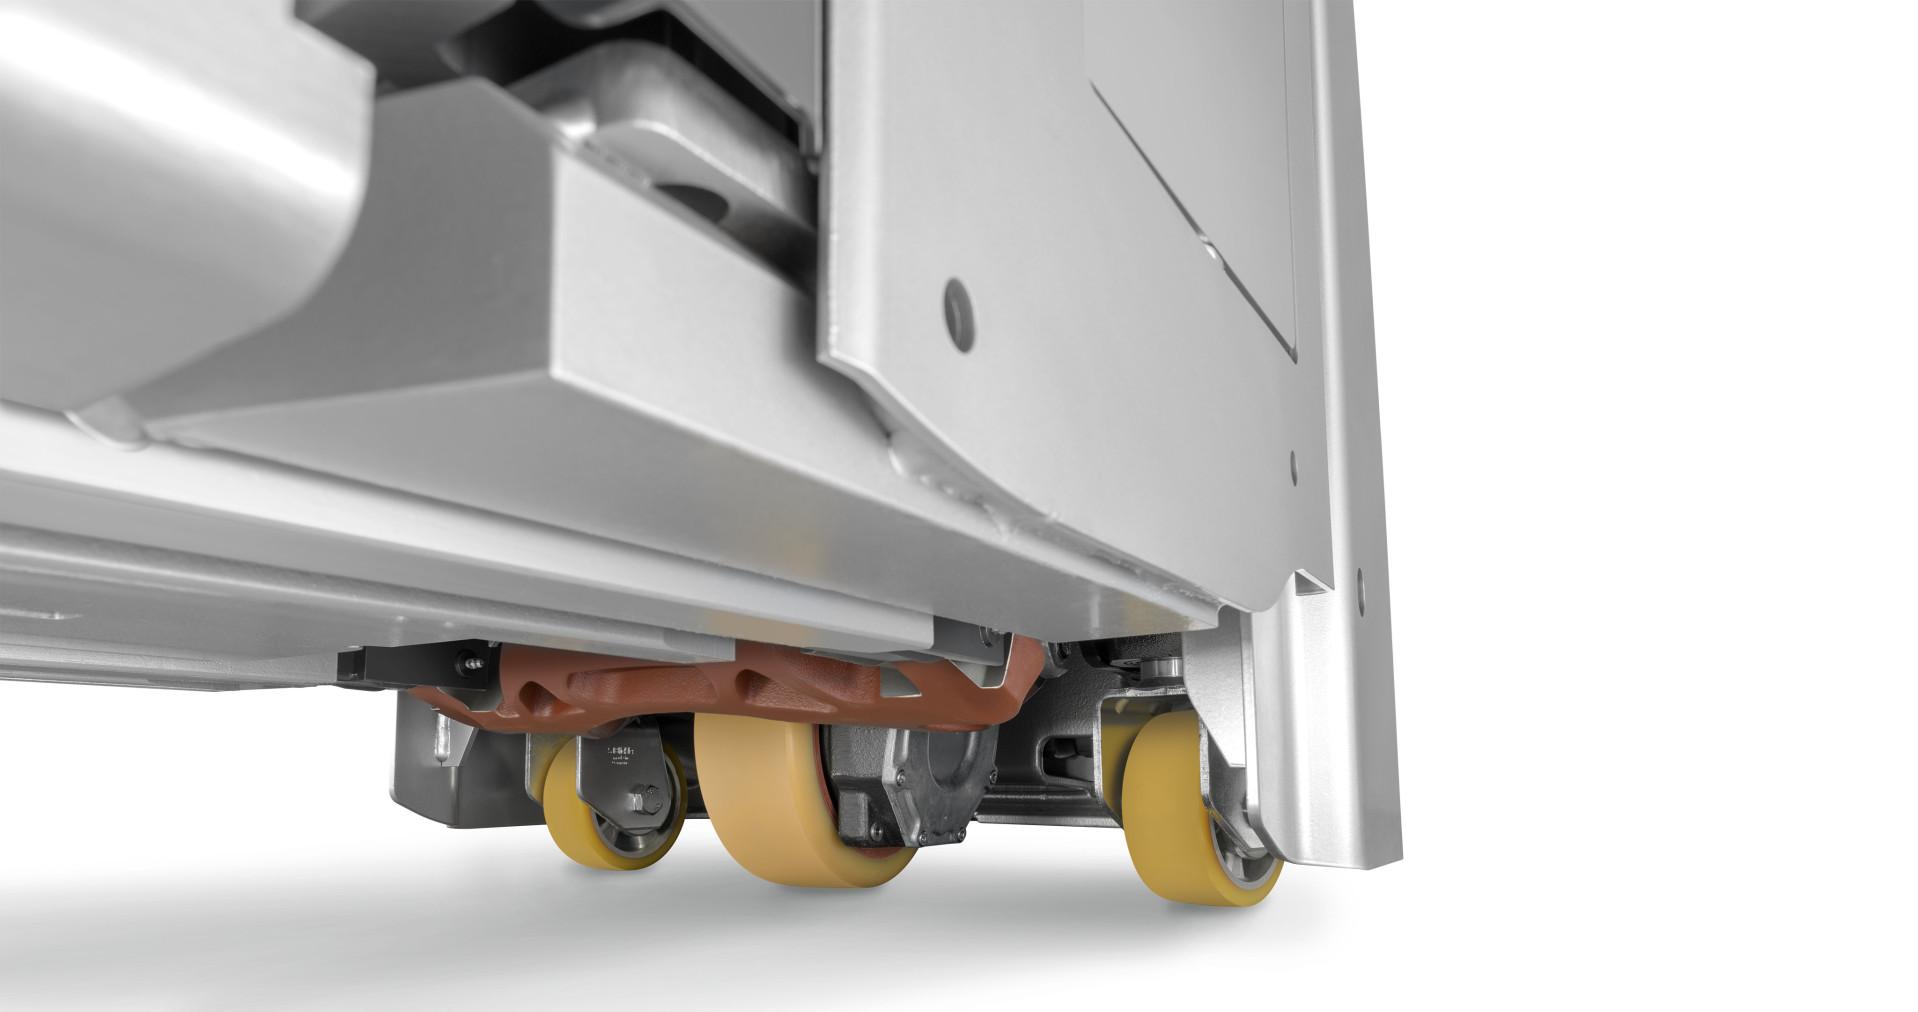 Porta-paletes com double deck e plataforma basculante de elevação do conduto EXD-SF STILL